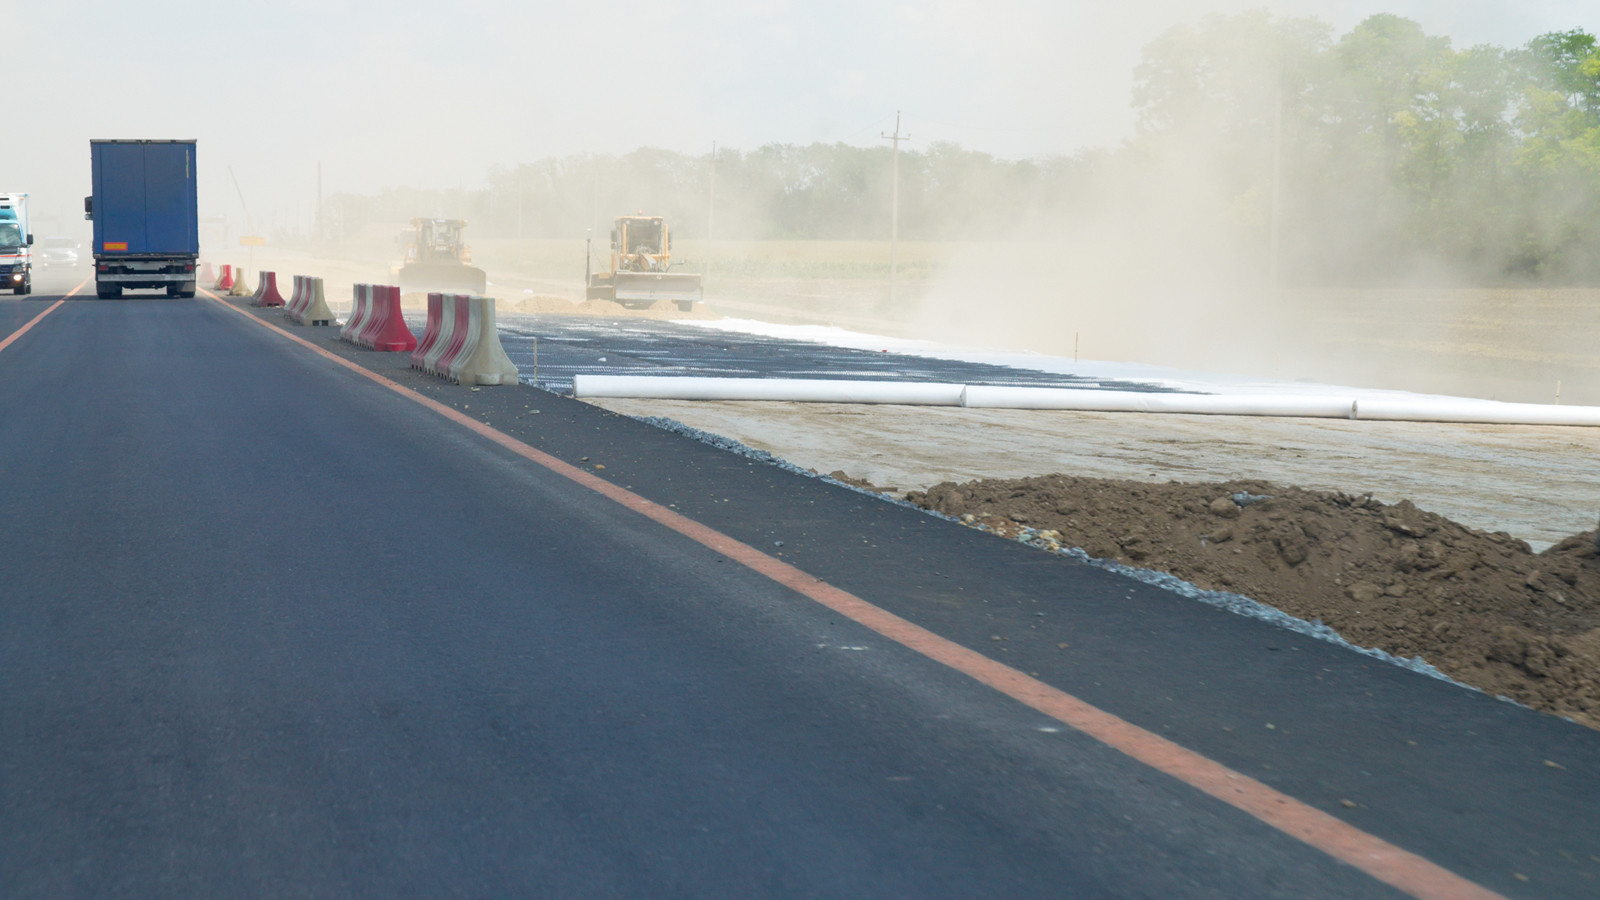 Руководство выделило 10 млрд руб. наразвитие региональных дорог